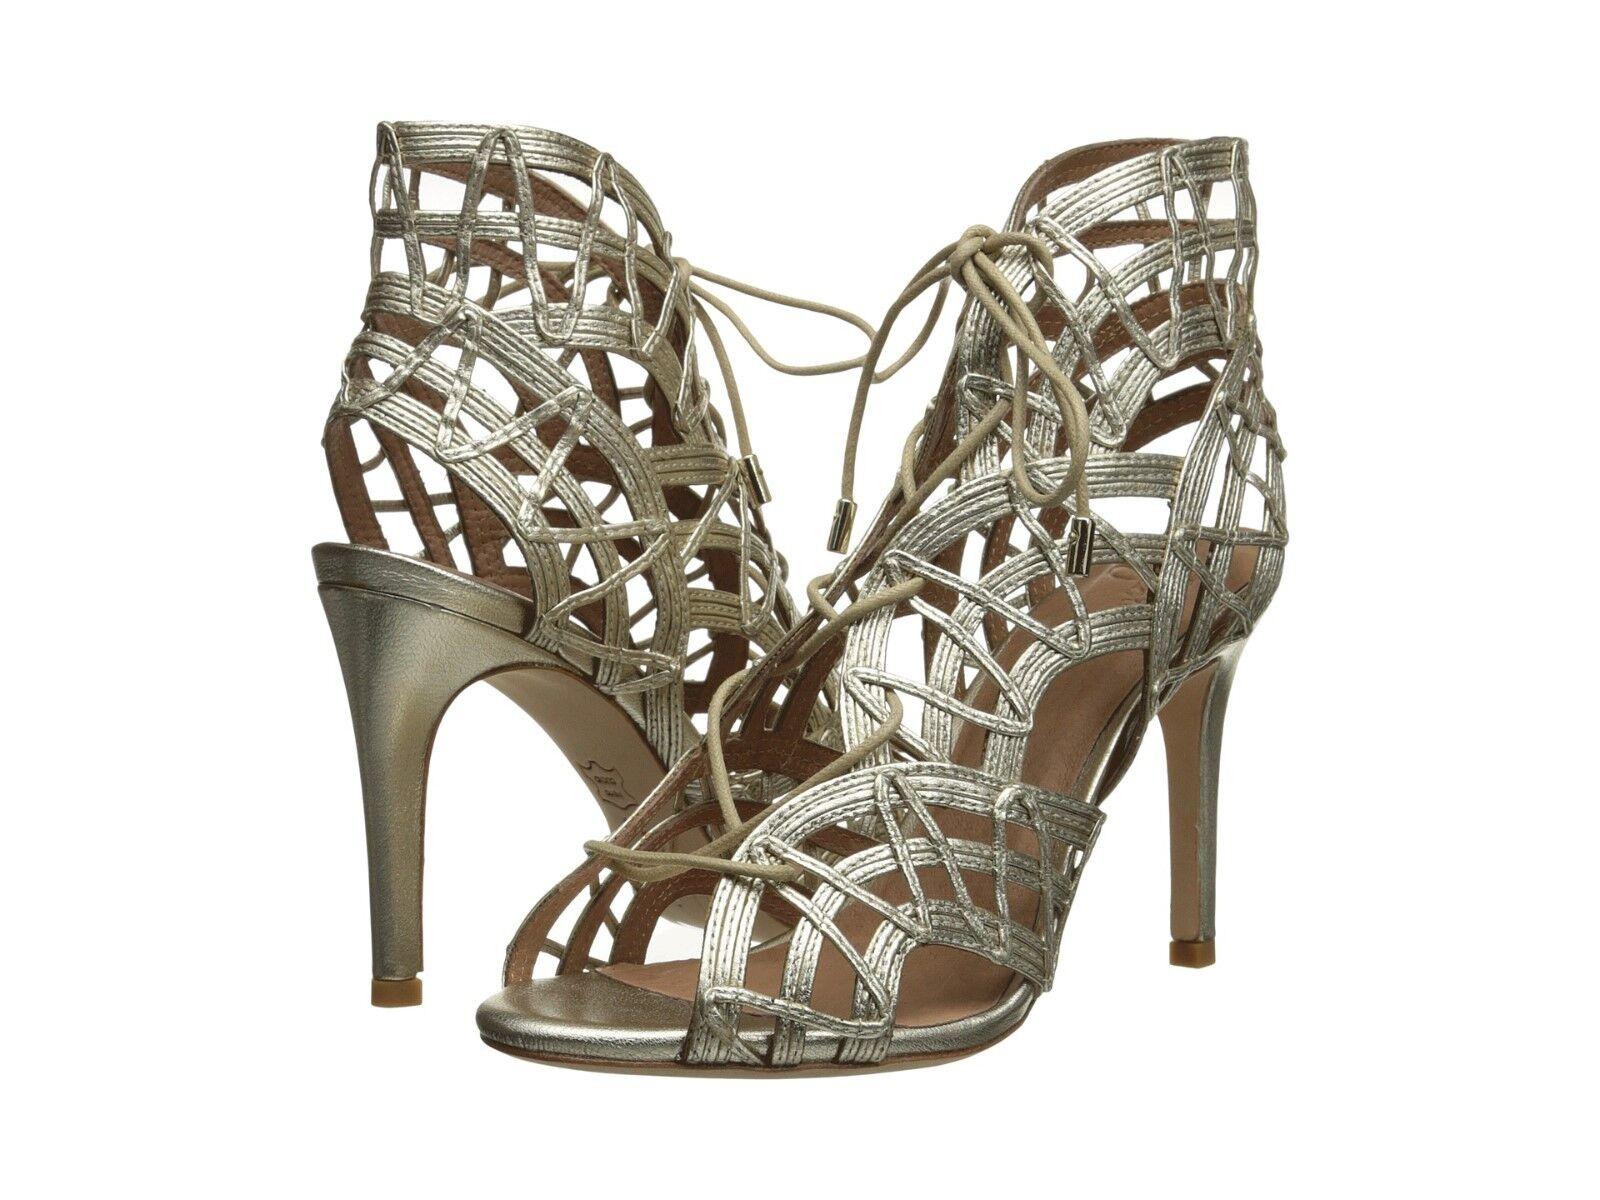 Joie Leah caged sandals Heels, Black SIZE SIZE SIZE 36   375.00 5643af